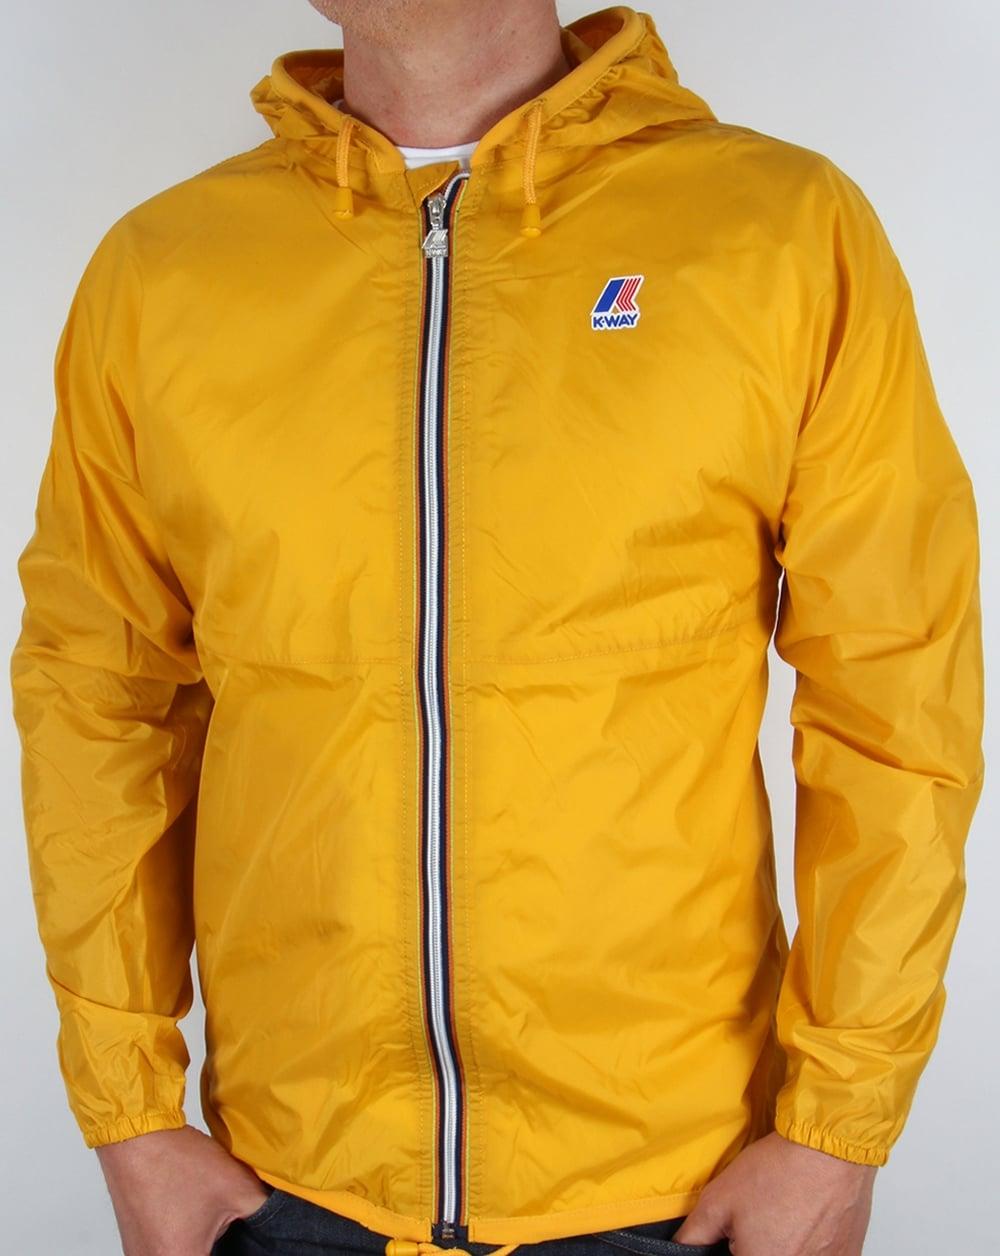 k way claude classic rainproof jacket yellow coat pac a mac mens. Black Bedroom Furniture Sets. Home Design Ideas